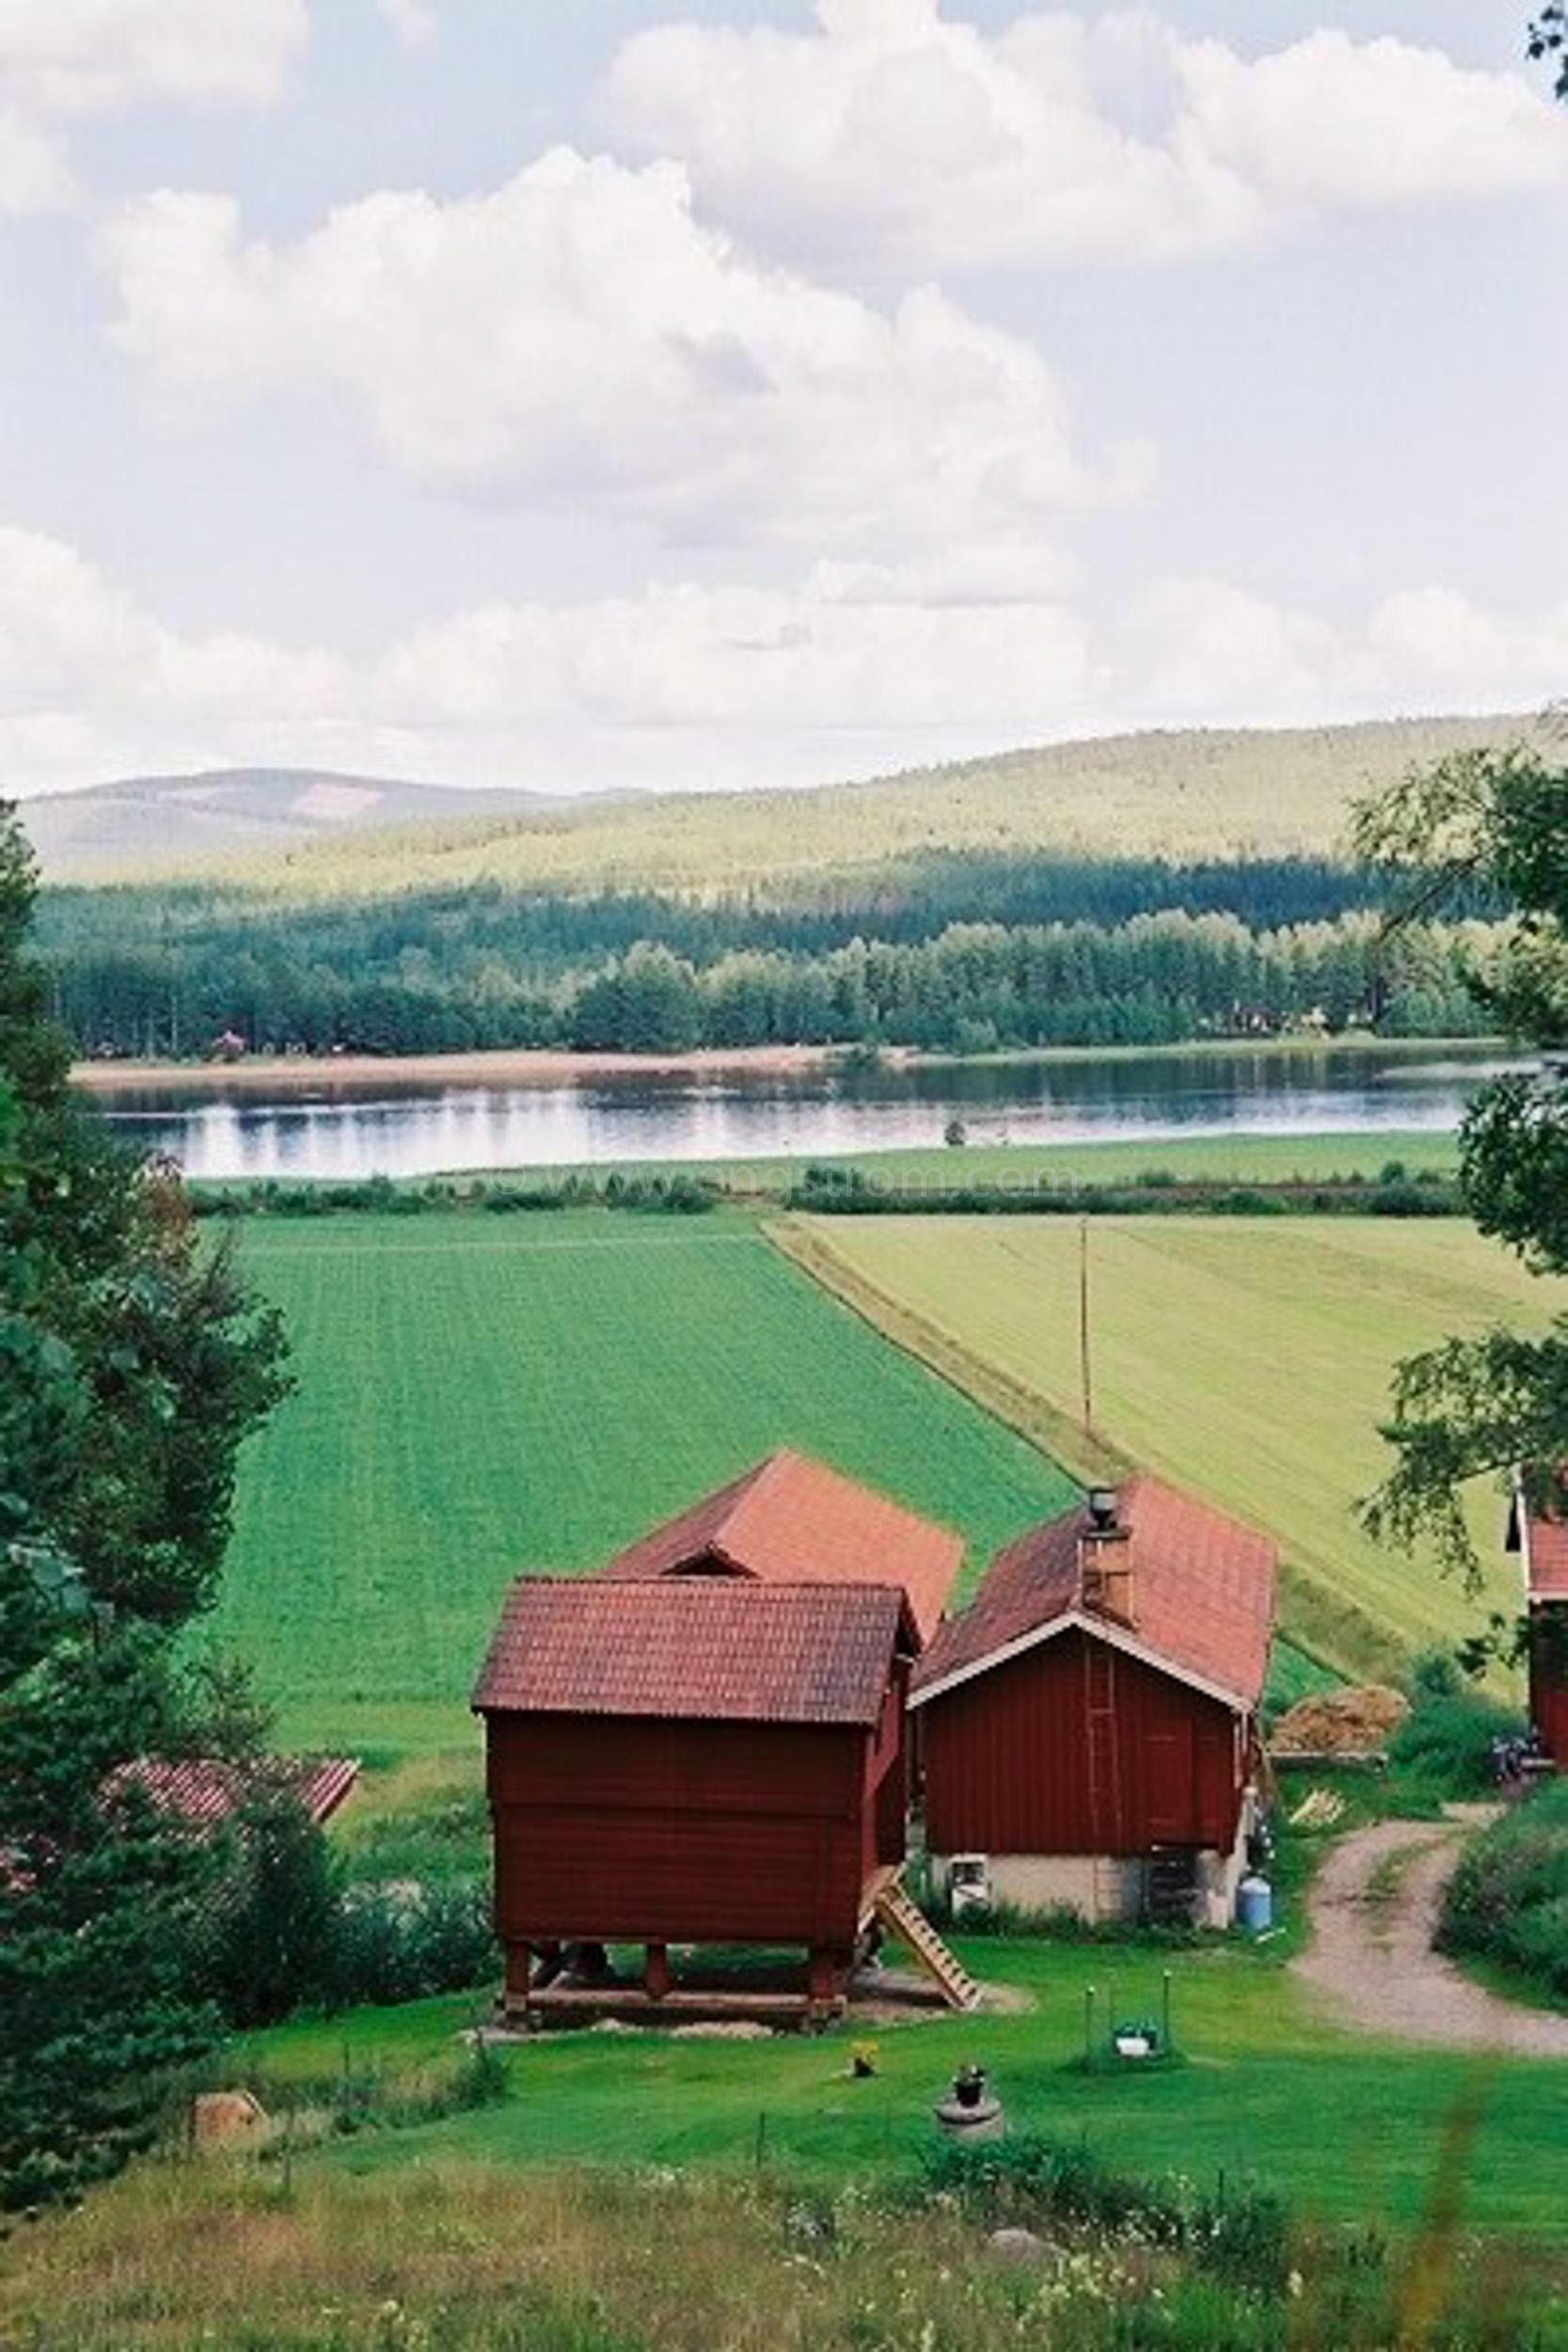 JE0206_22, Hälsingegårdar. Järvsö sommaren 2002, Jonas Engström